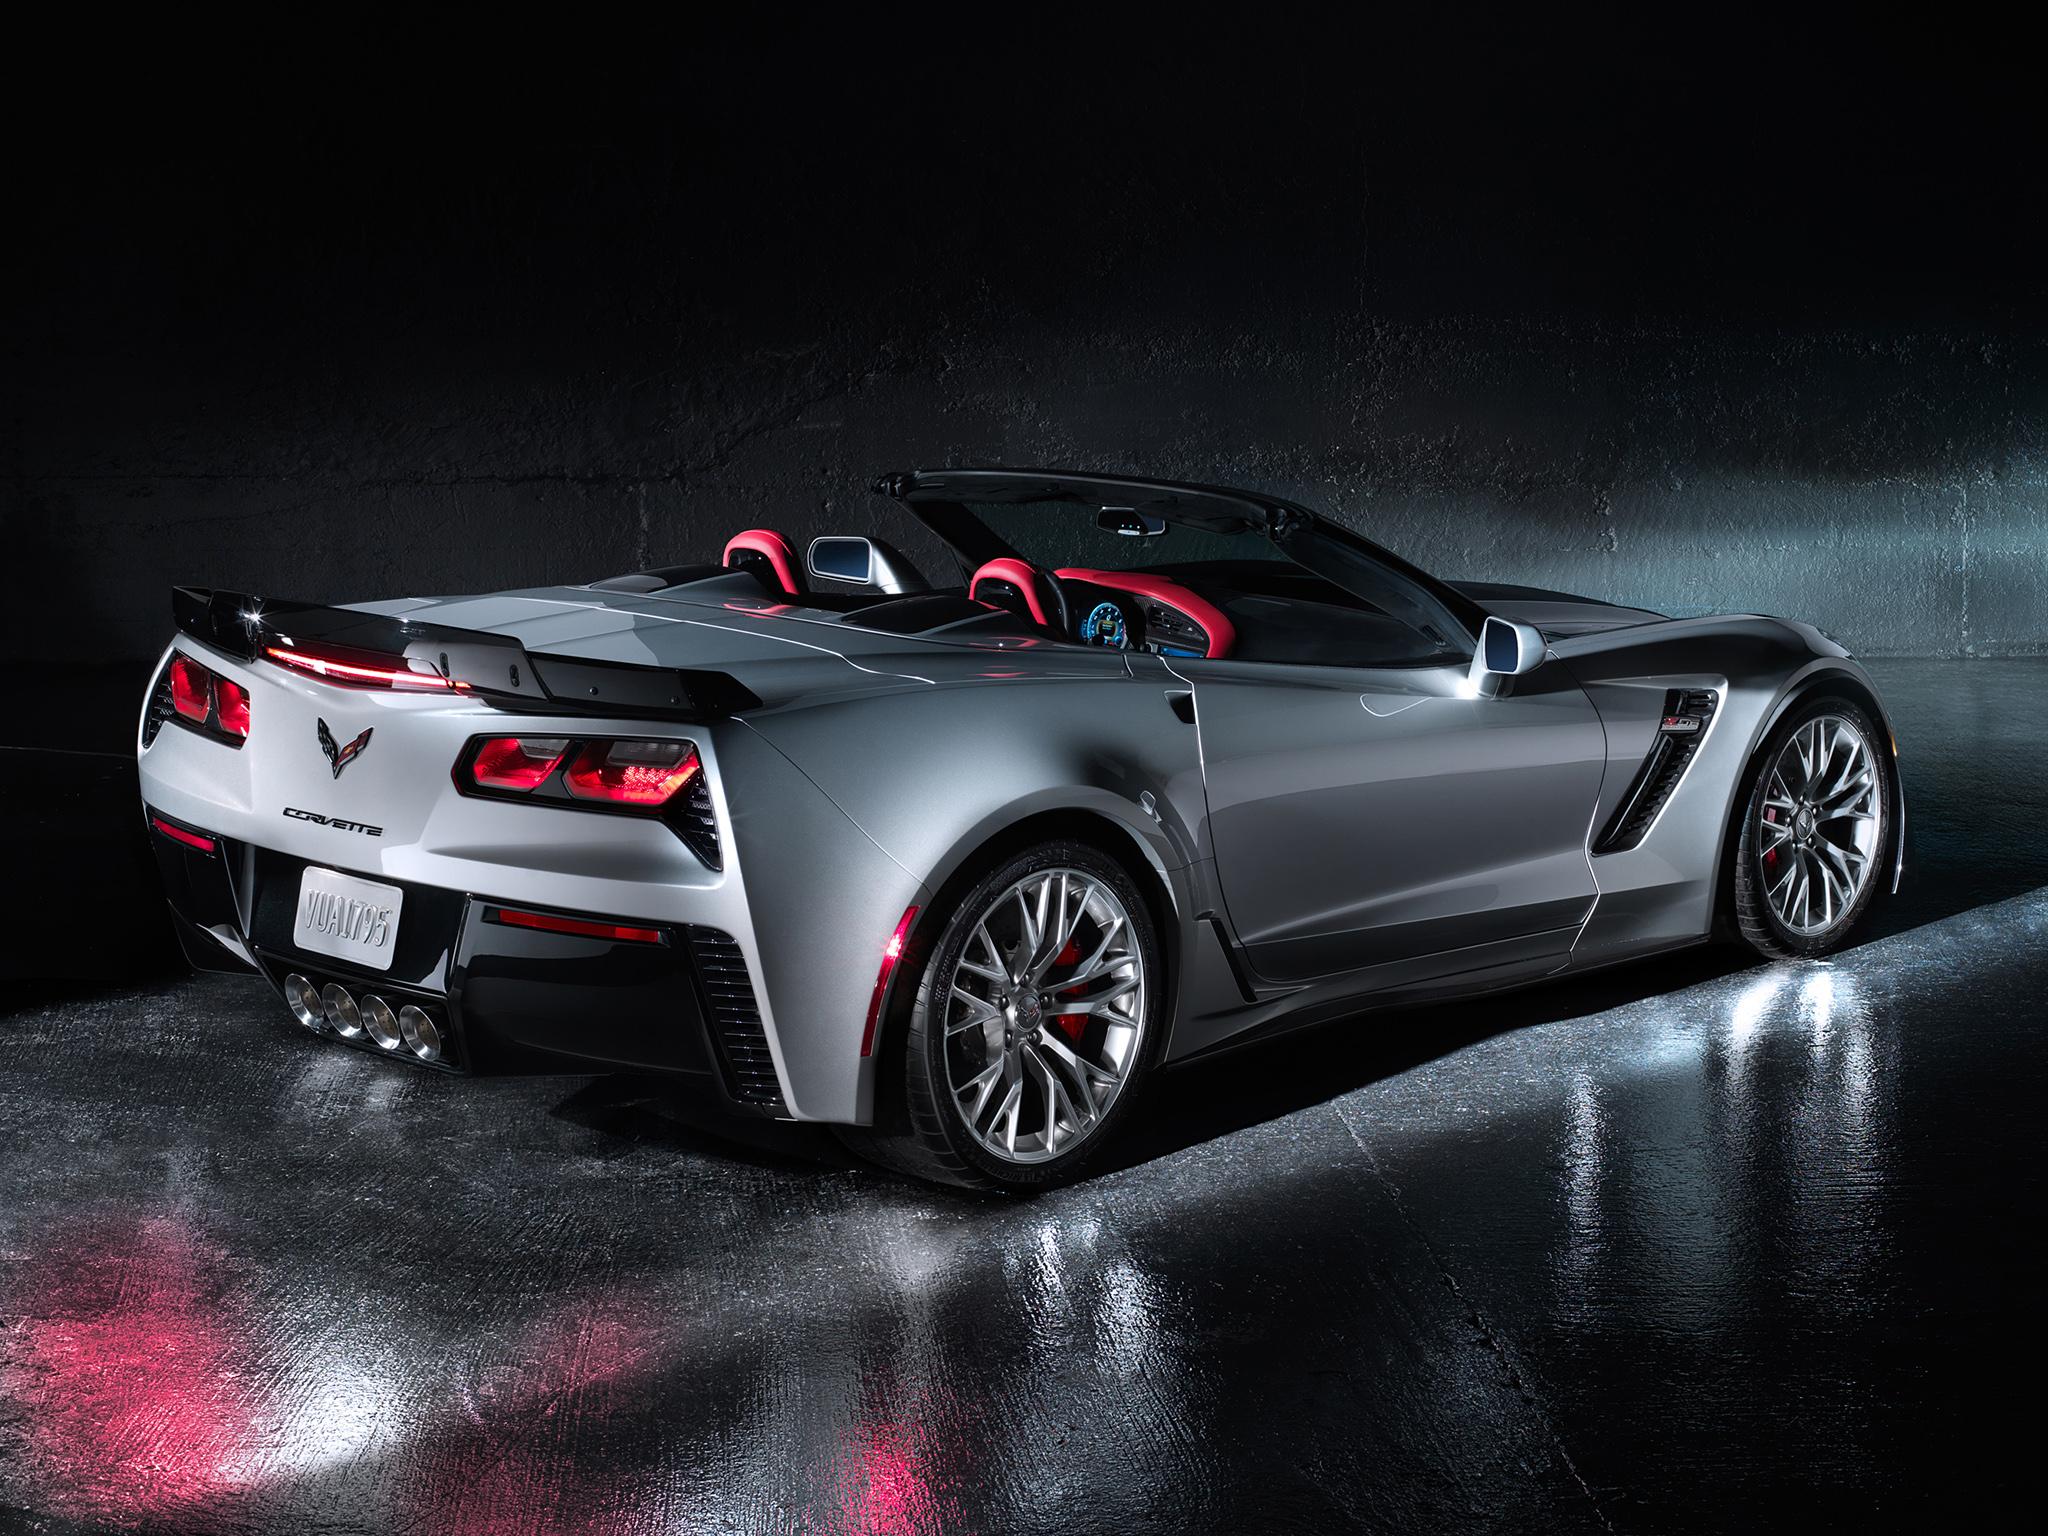 Corvette C7 Z06 Wallpaper Wallpapersafari